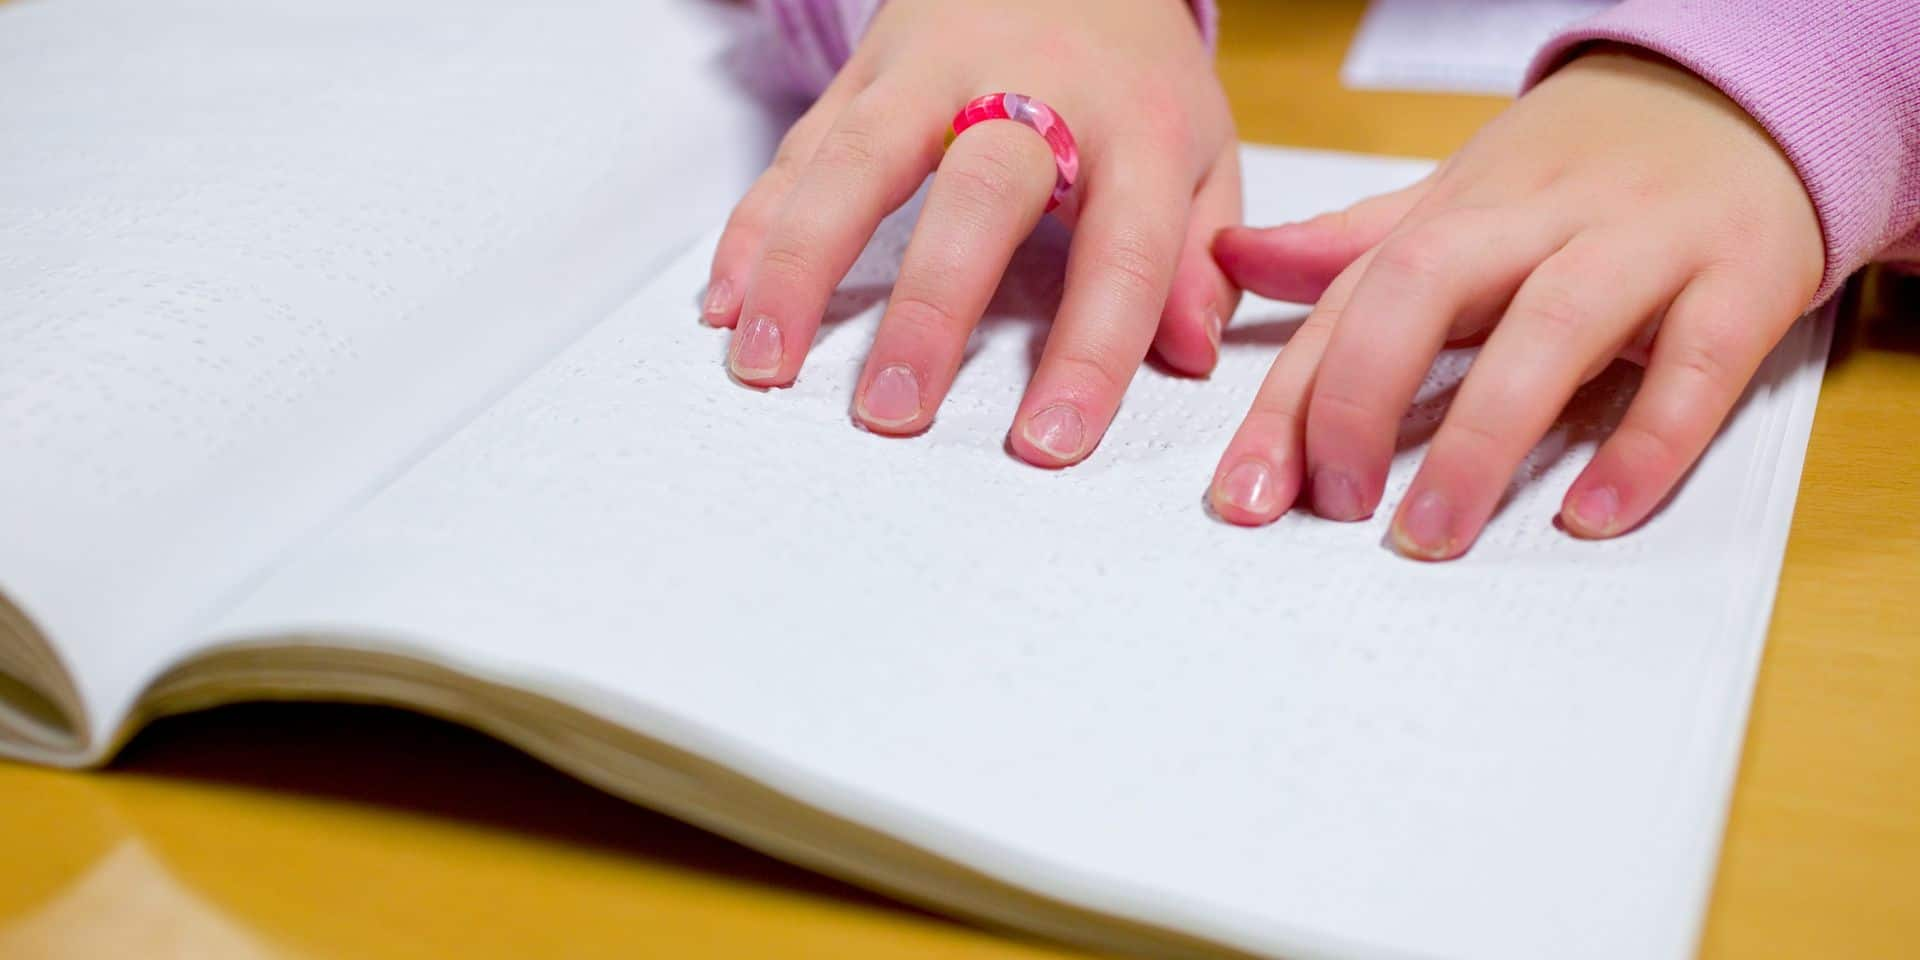 Blind girl reading braille